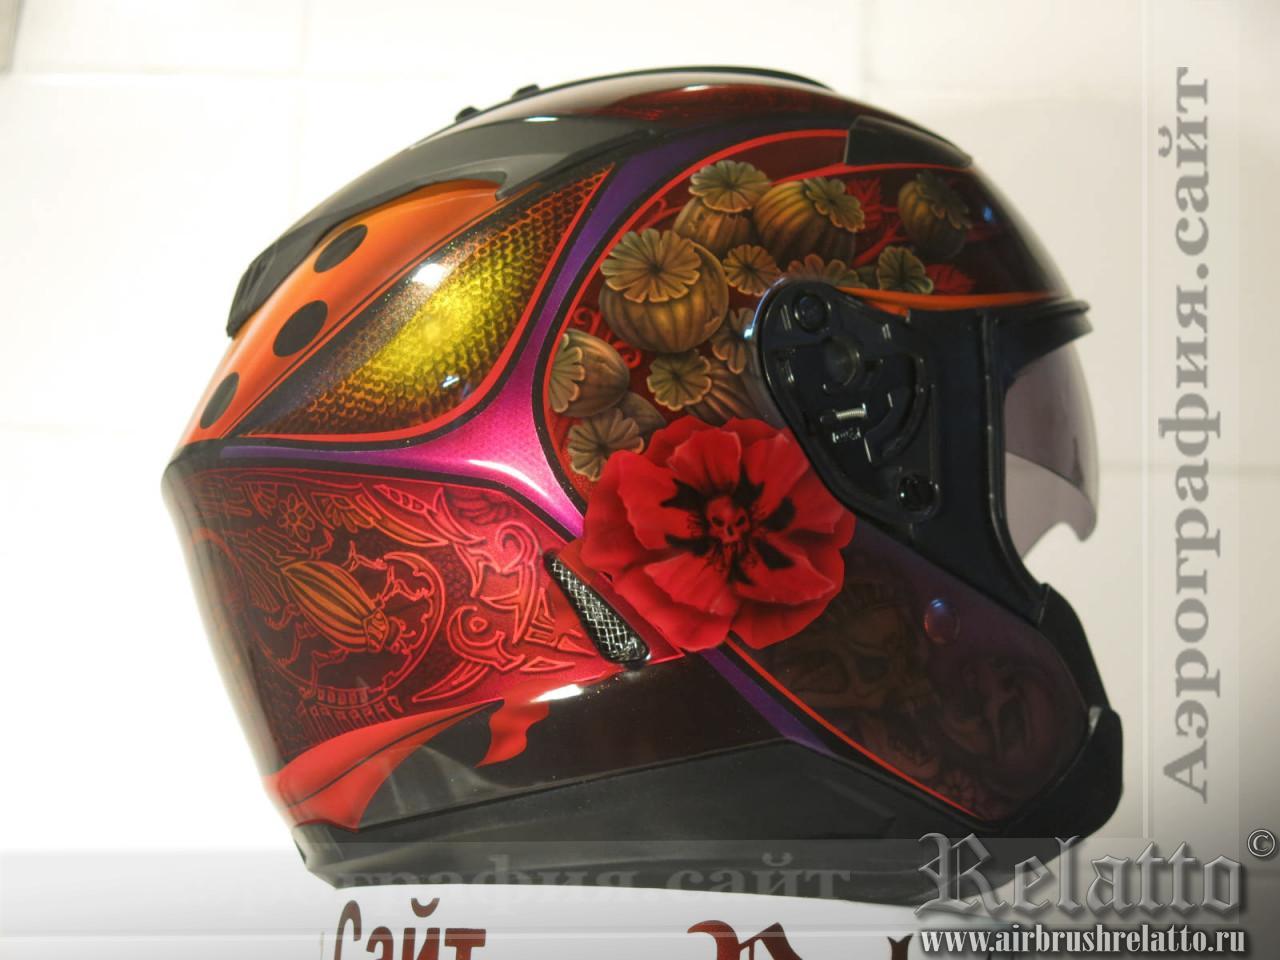 аэрография на шлема в Краснодаре